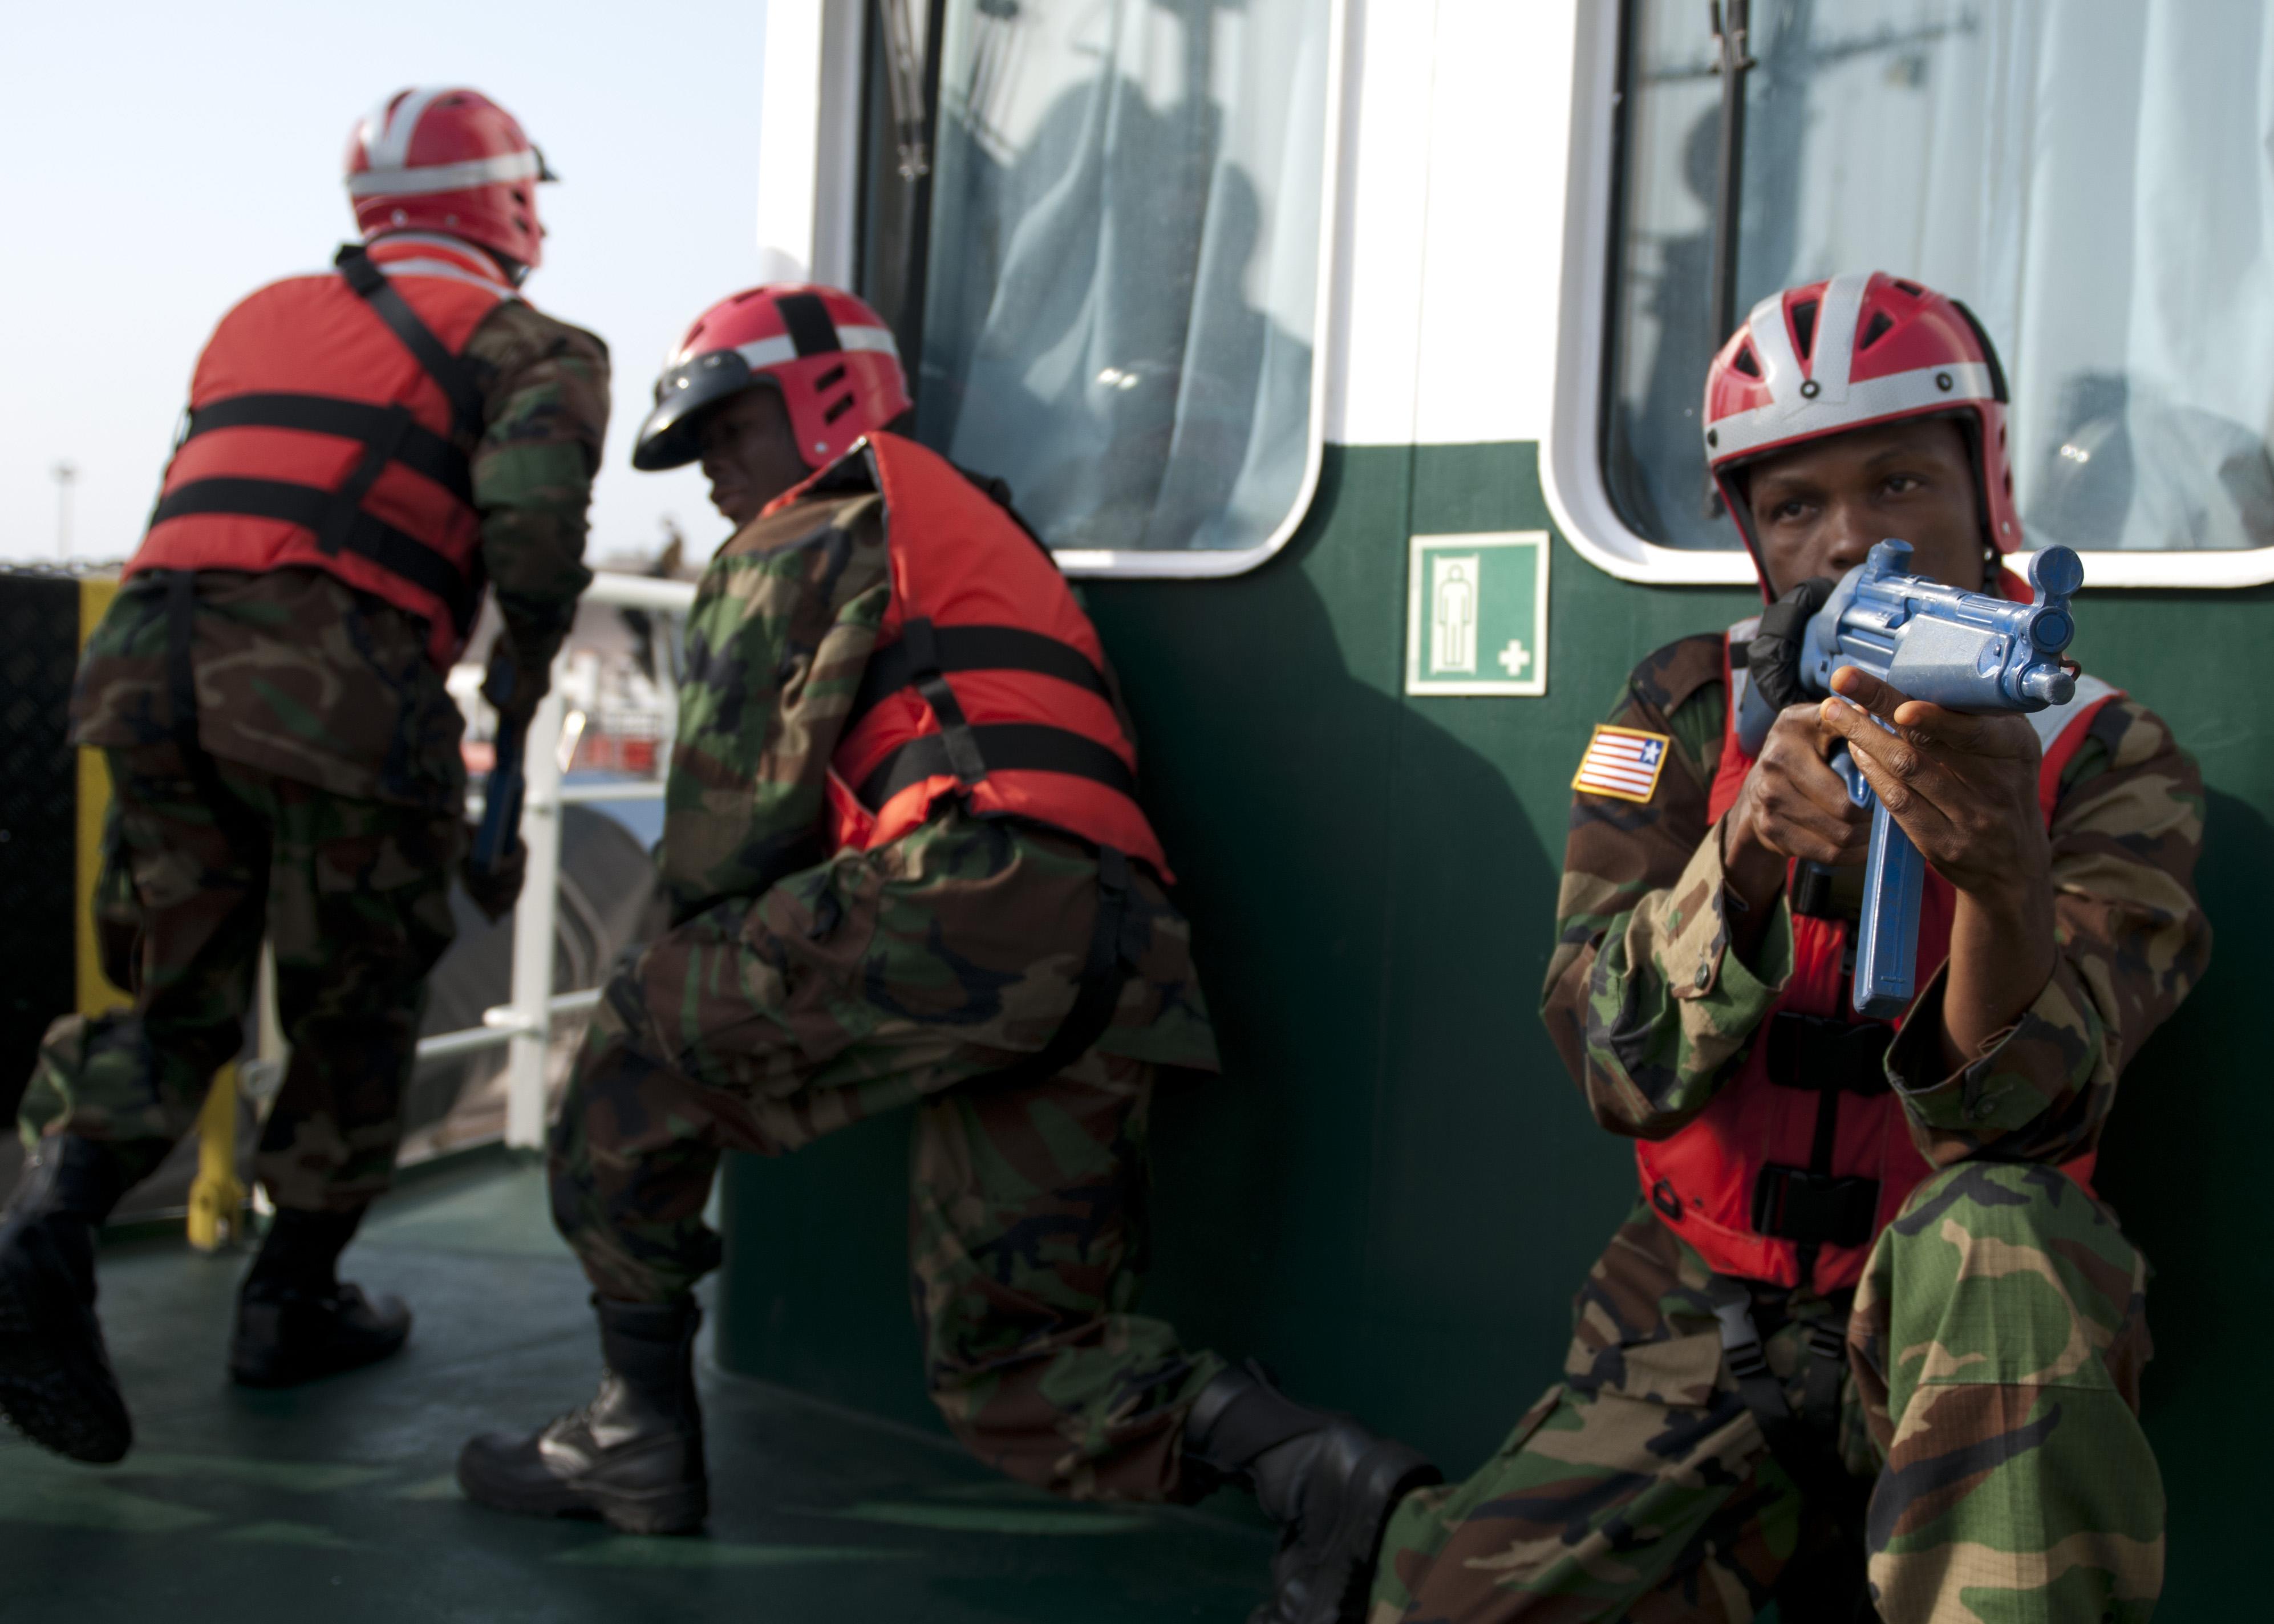 Les Forces Armées du Libéria / Armed Forces of Liberia ( AFL ) 13040637595_3ddd82a4b7_o